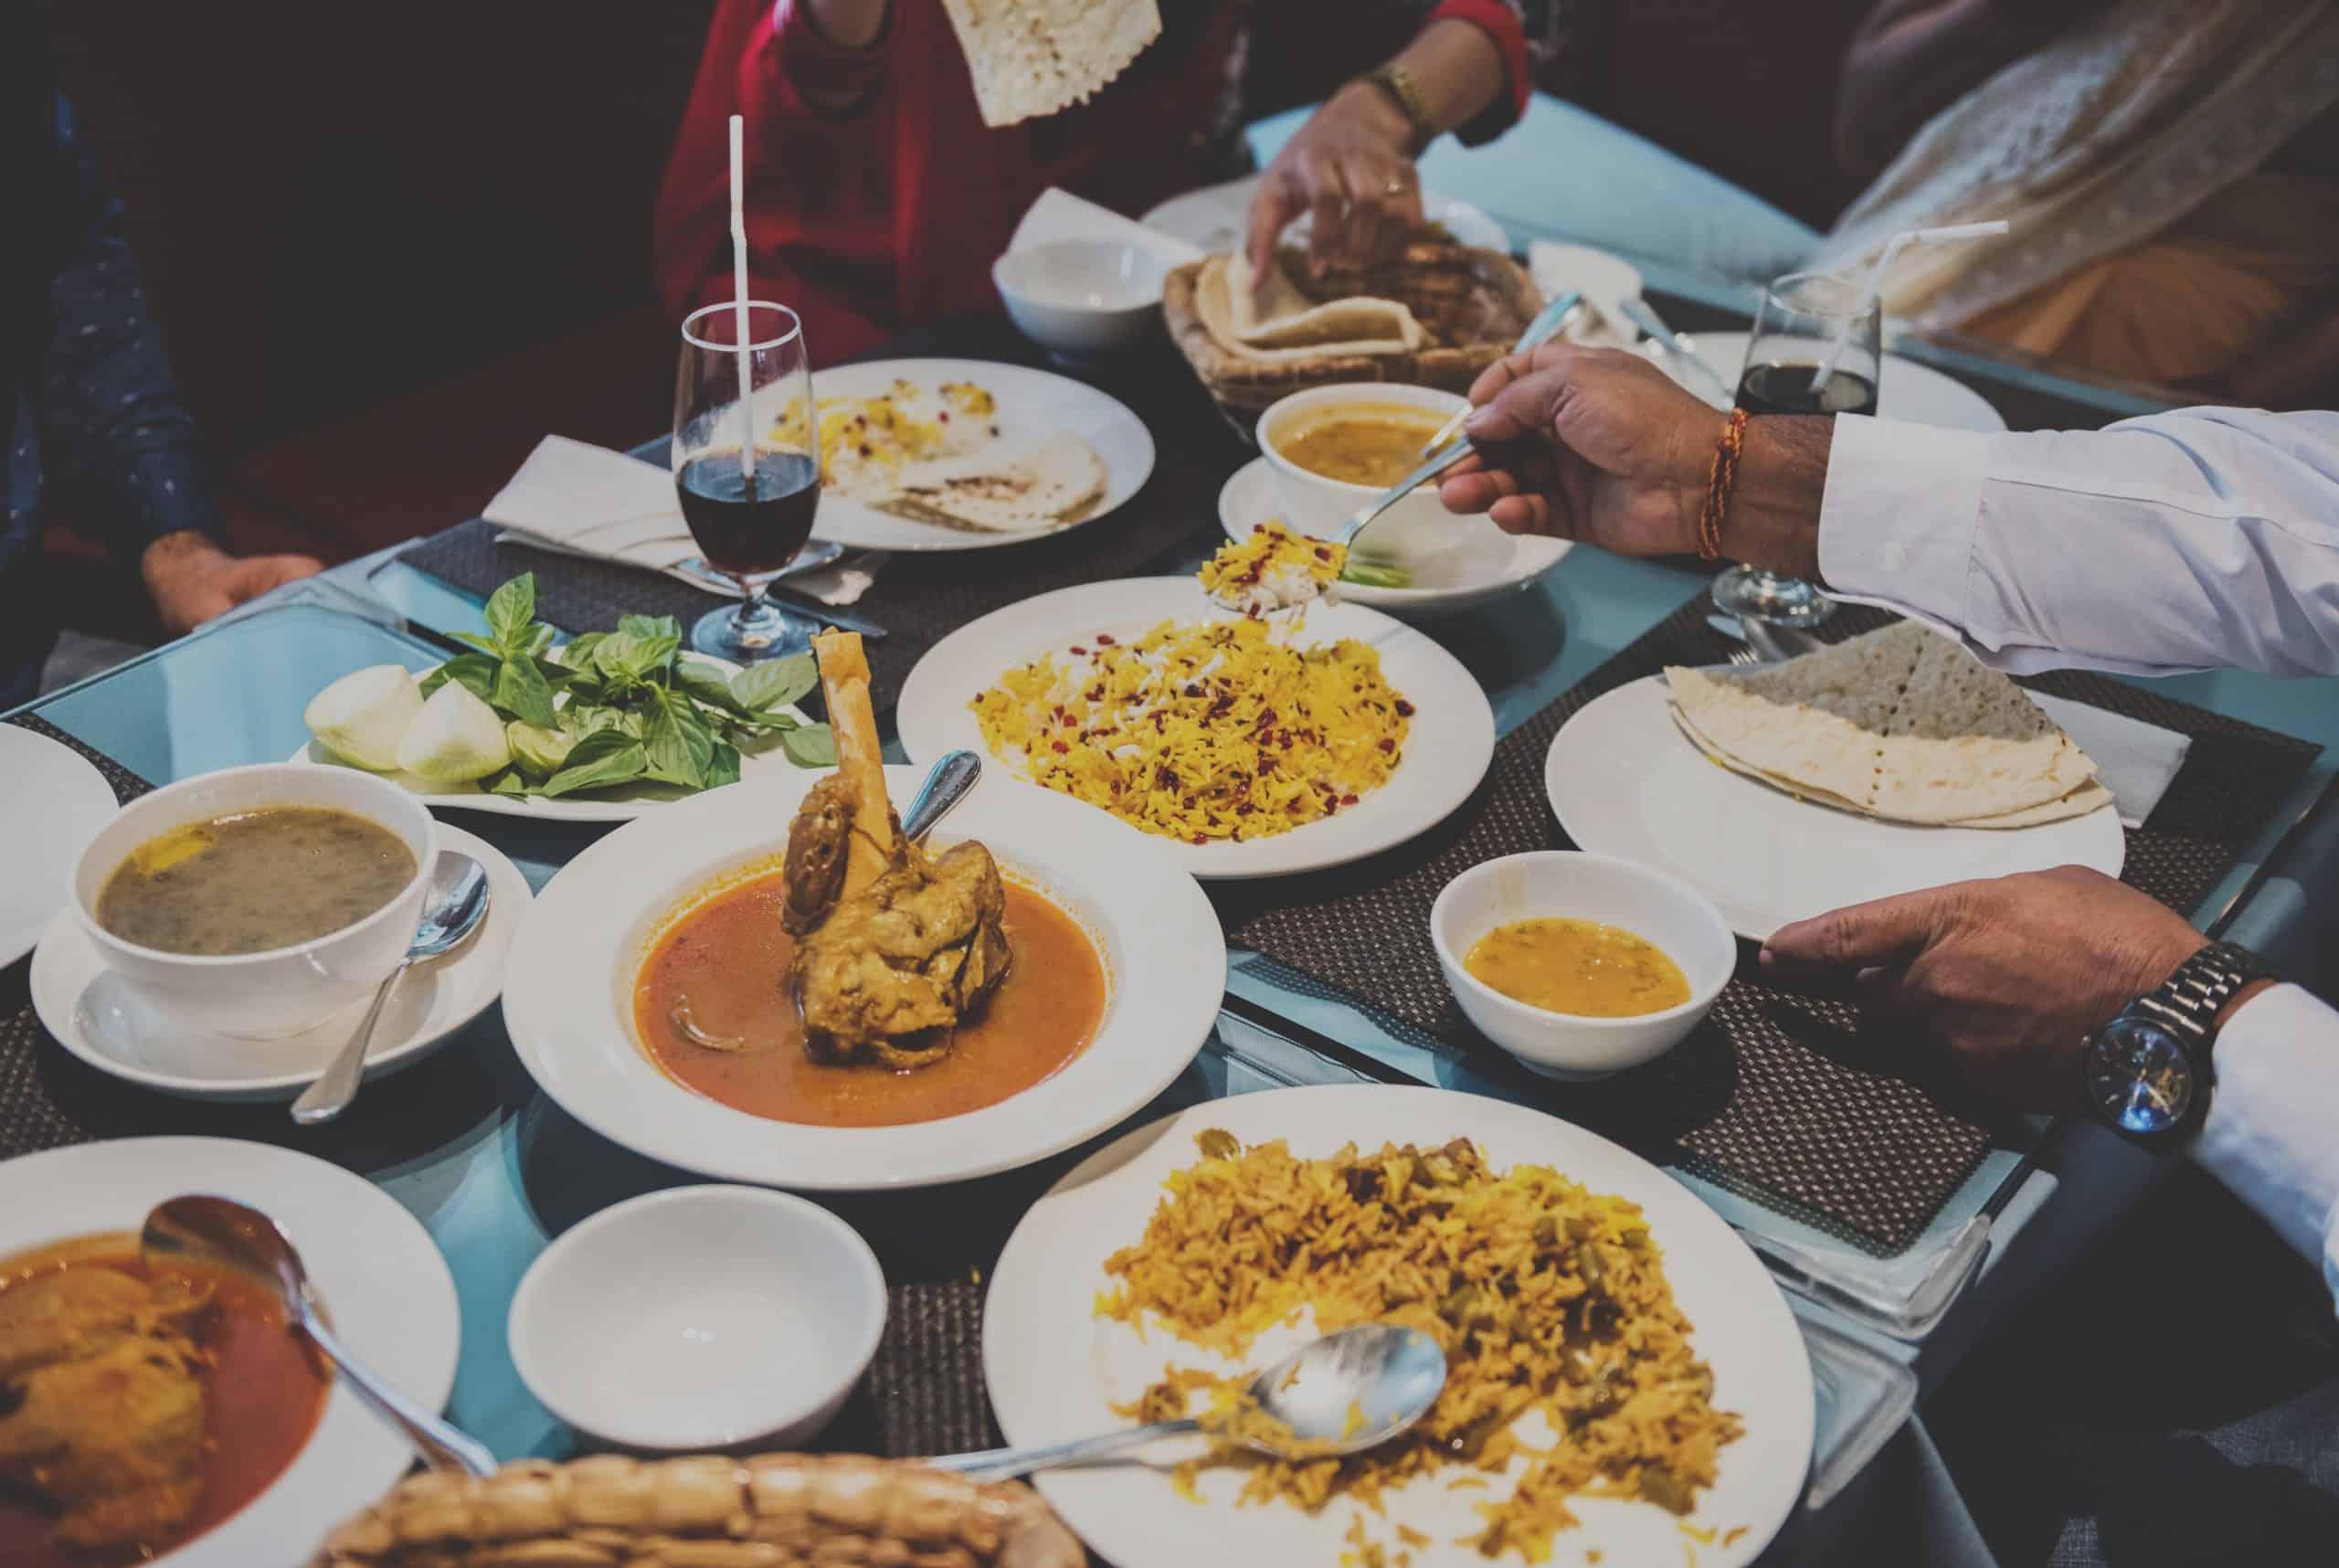 plats à manger sur une table